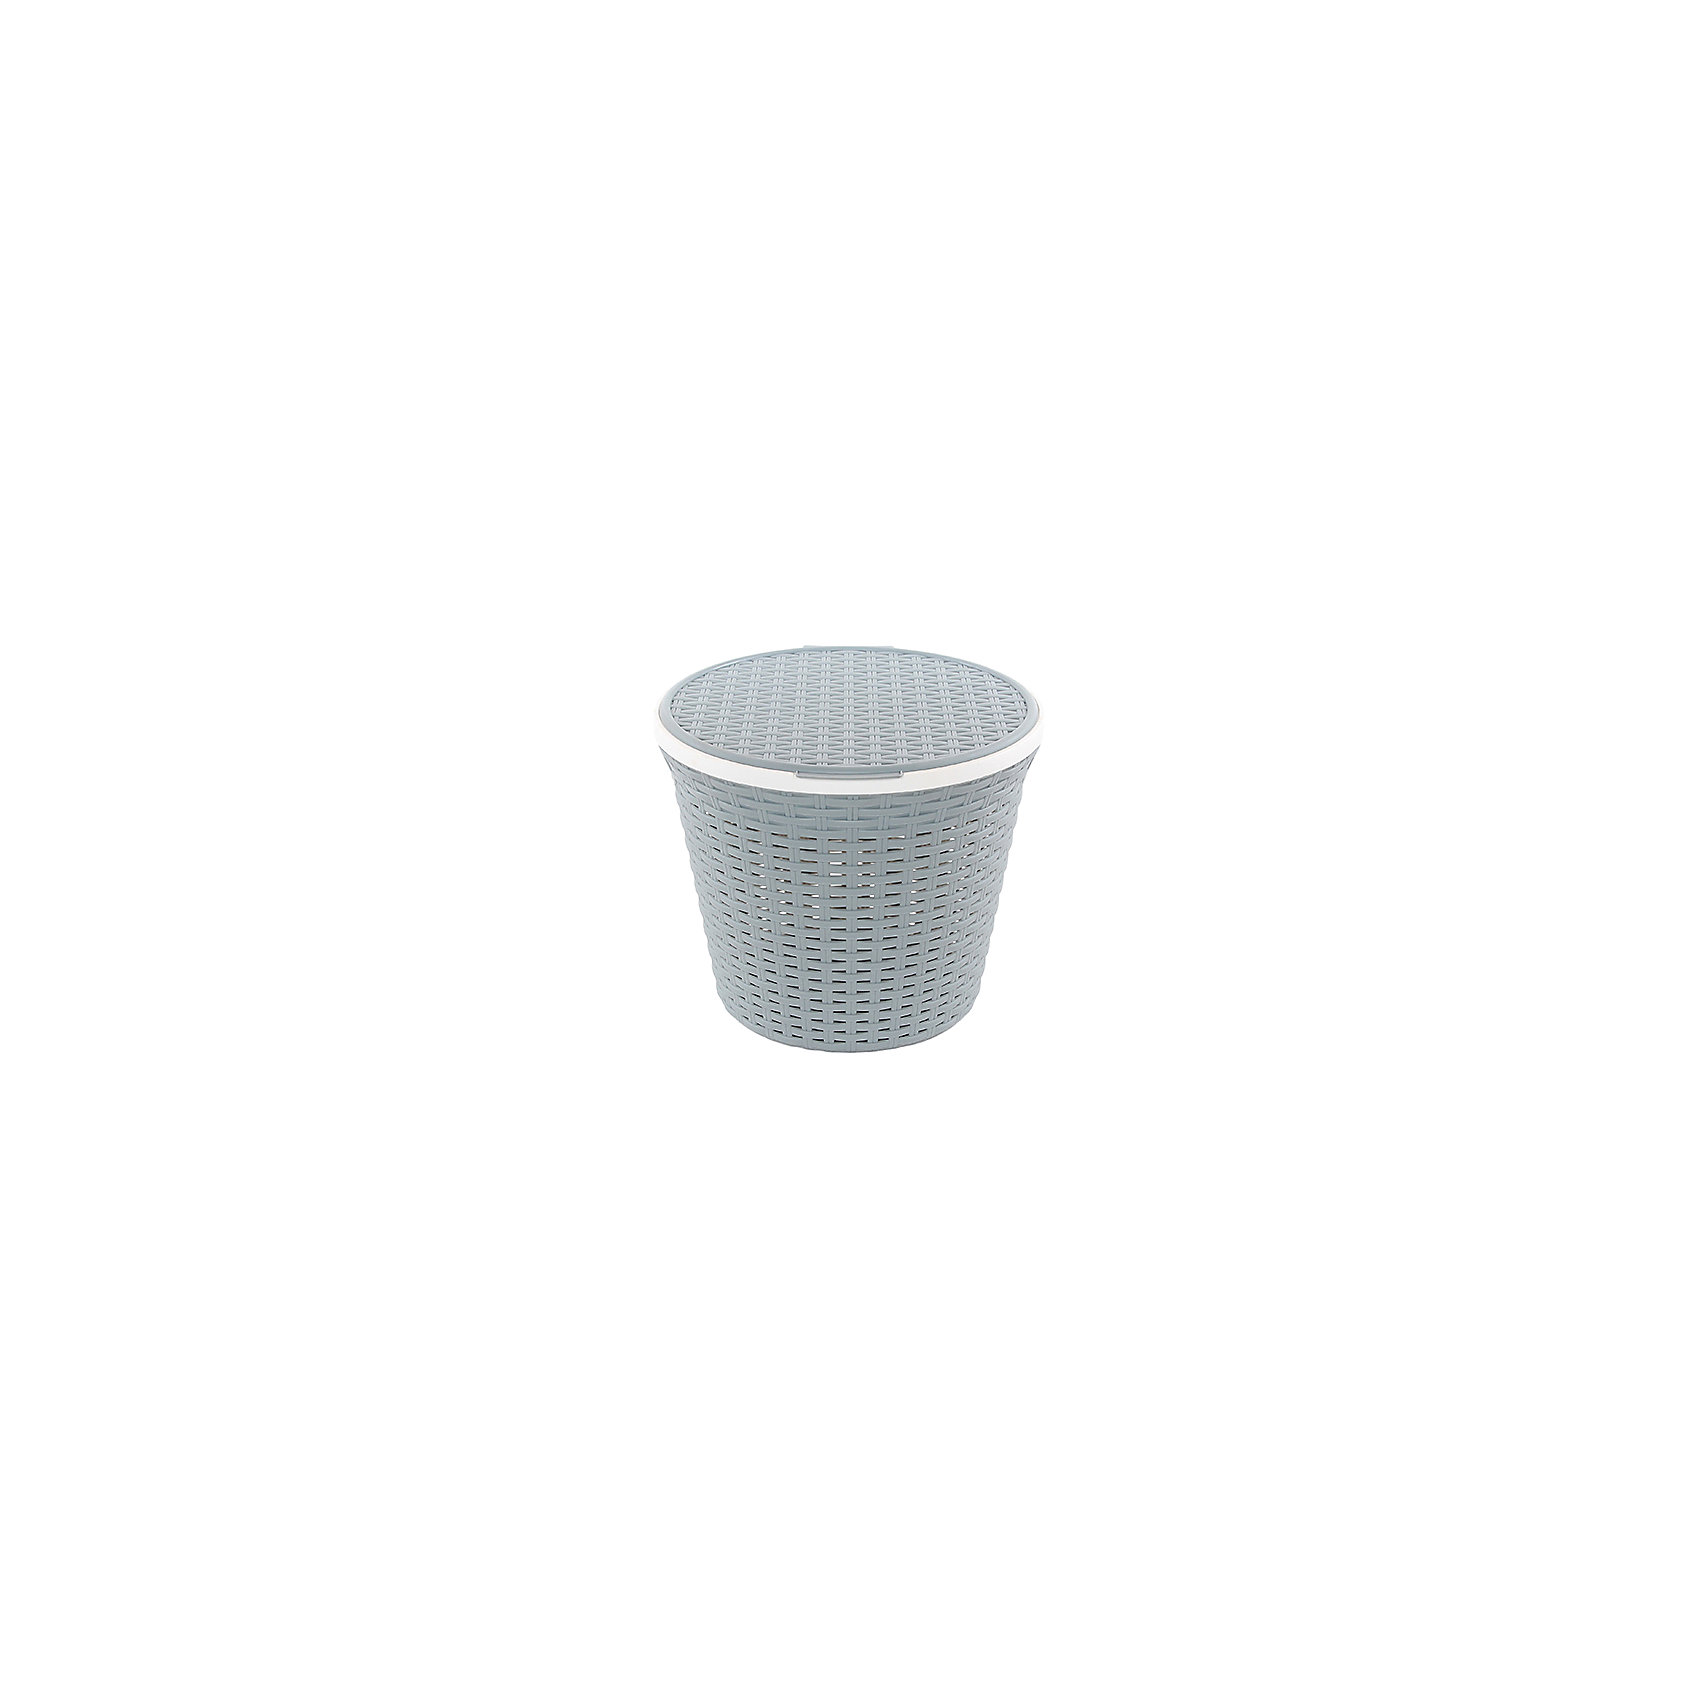 Корзина для хранения круглая 15 л.33*33*27 см. с крышкой Ротанг, Violet, серыйВанная комната<br>Корзина для хранения  круглая 15 л.33*33*27 см. с крышкой Ротанг (серая), Violet Корзина для хранения - незаменимая вещь для эргономичного хранения самого необходимого. Отличное решение для организации жилого пространства.<br><br>Ширина мм: 330<br>Глубина мм: 330<br>Высота мм: 270<br>Вес г: 430<br>Возраст от месяцев: 0<br>Возраст до месяцев: 1188<br>Пол: Унисекс<br>Возраст: Детский<br>SKU: 6668846